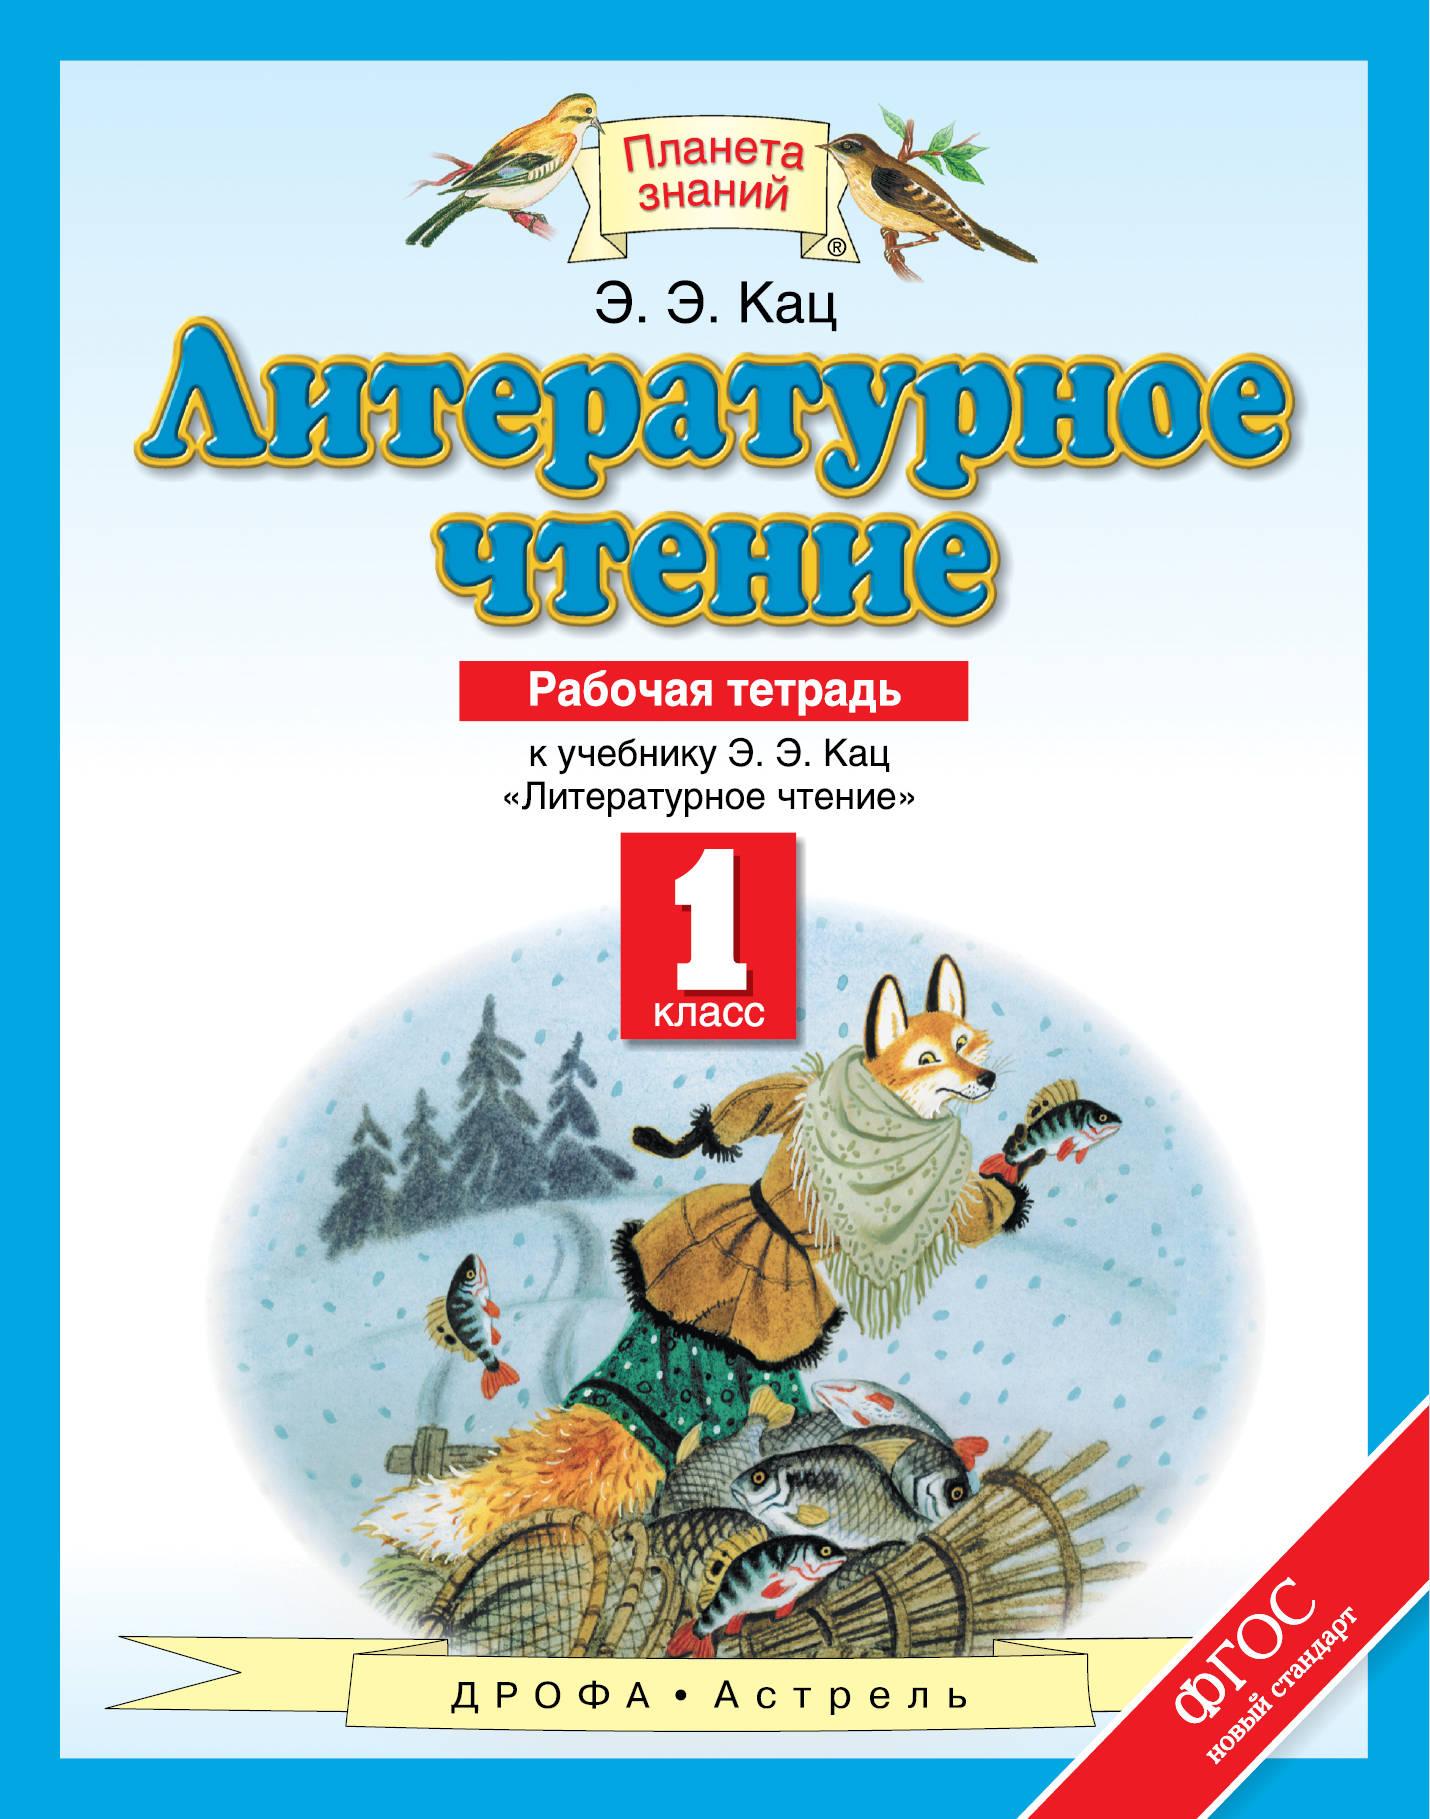 Литературное чтение. 1 класс. Рабочая тетрадь, Кац Элла Эльханоновна